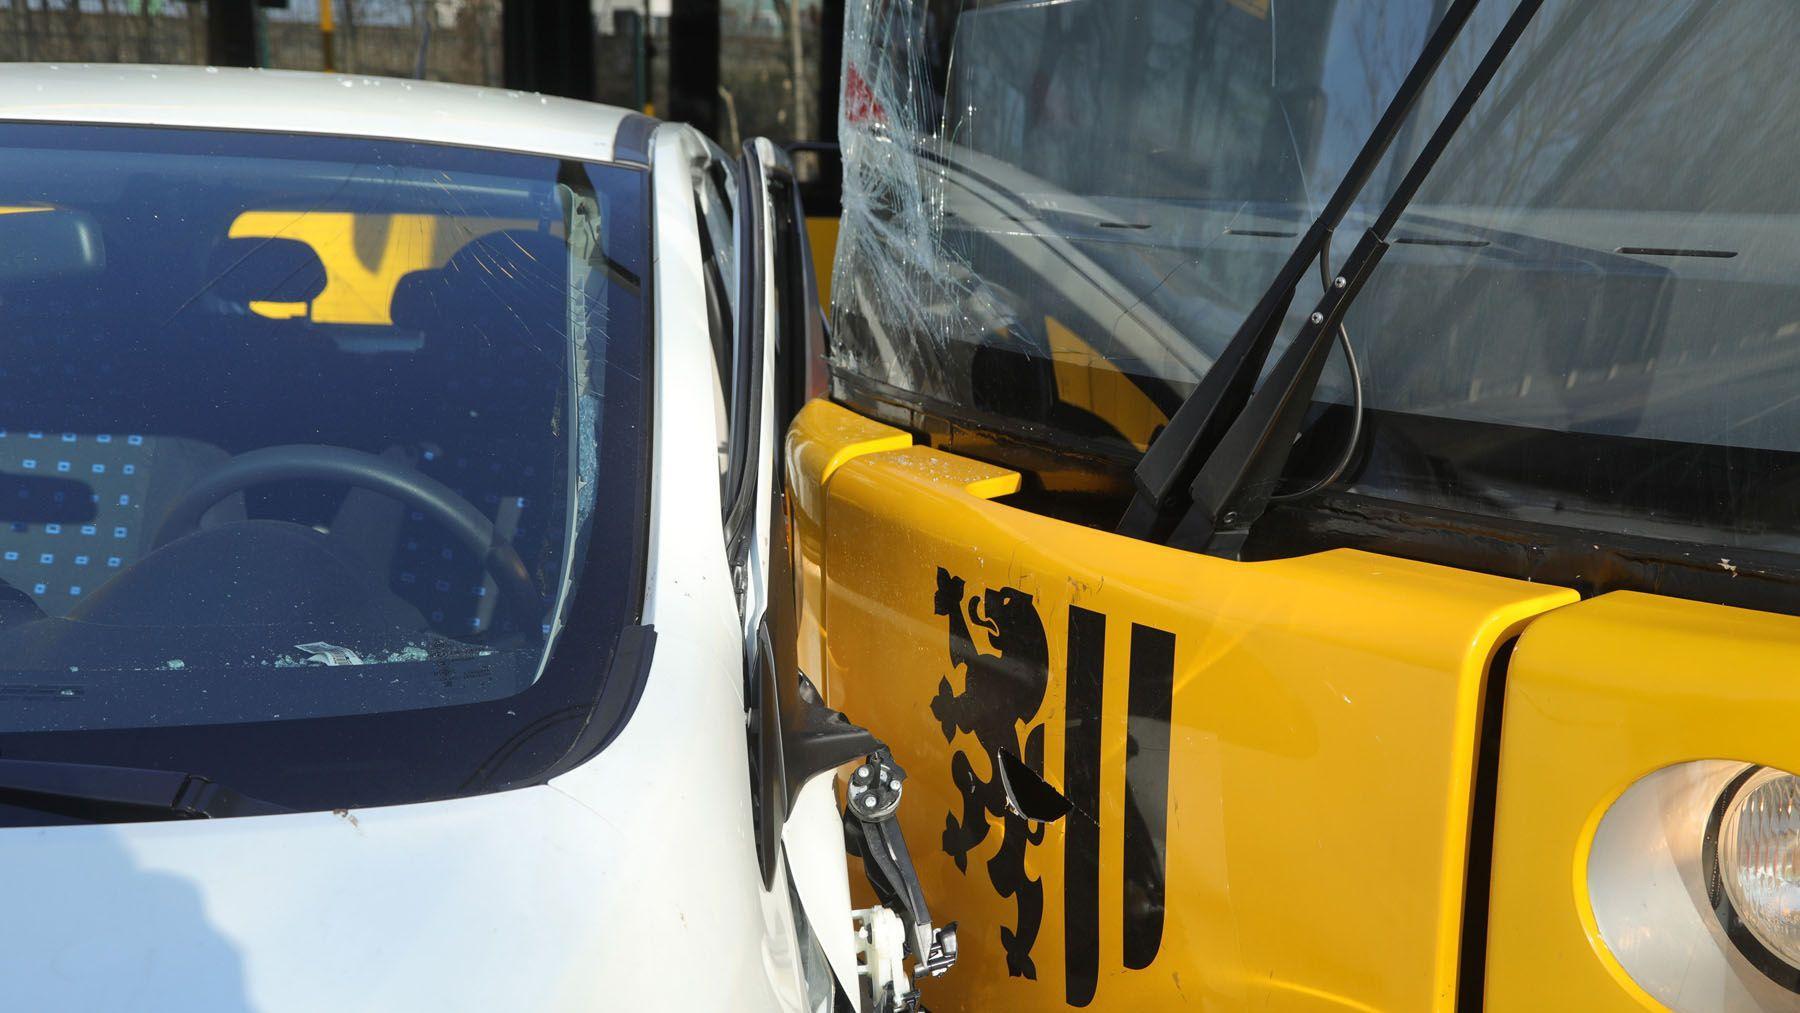 Der Kleinwagen wurde beim verbotswidrigen Abbiegen von der Bahn getroffen.